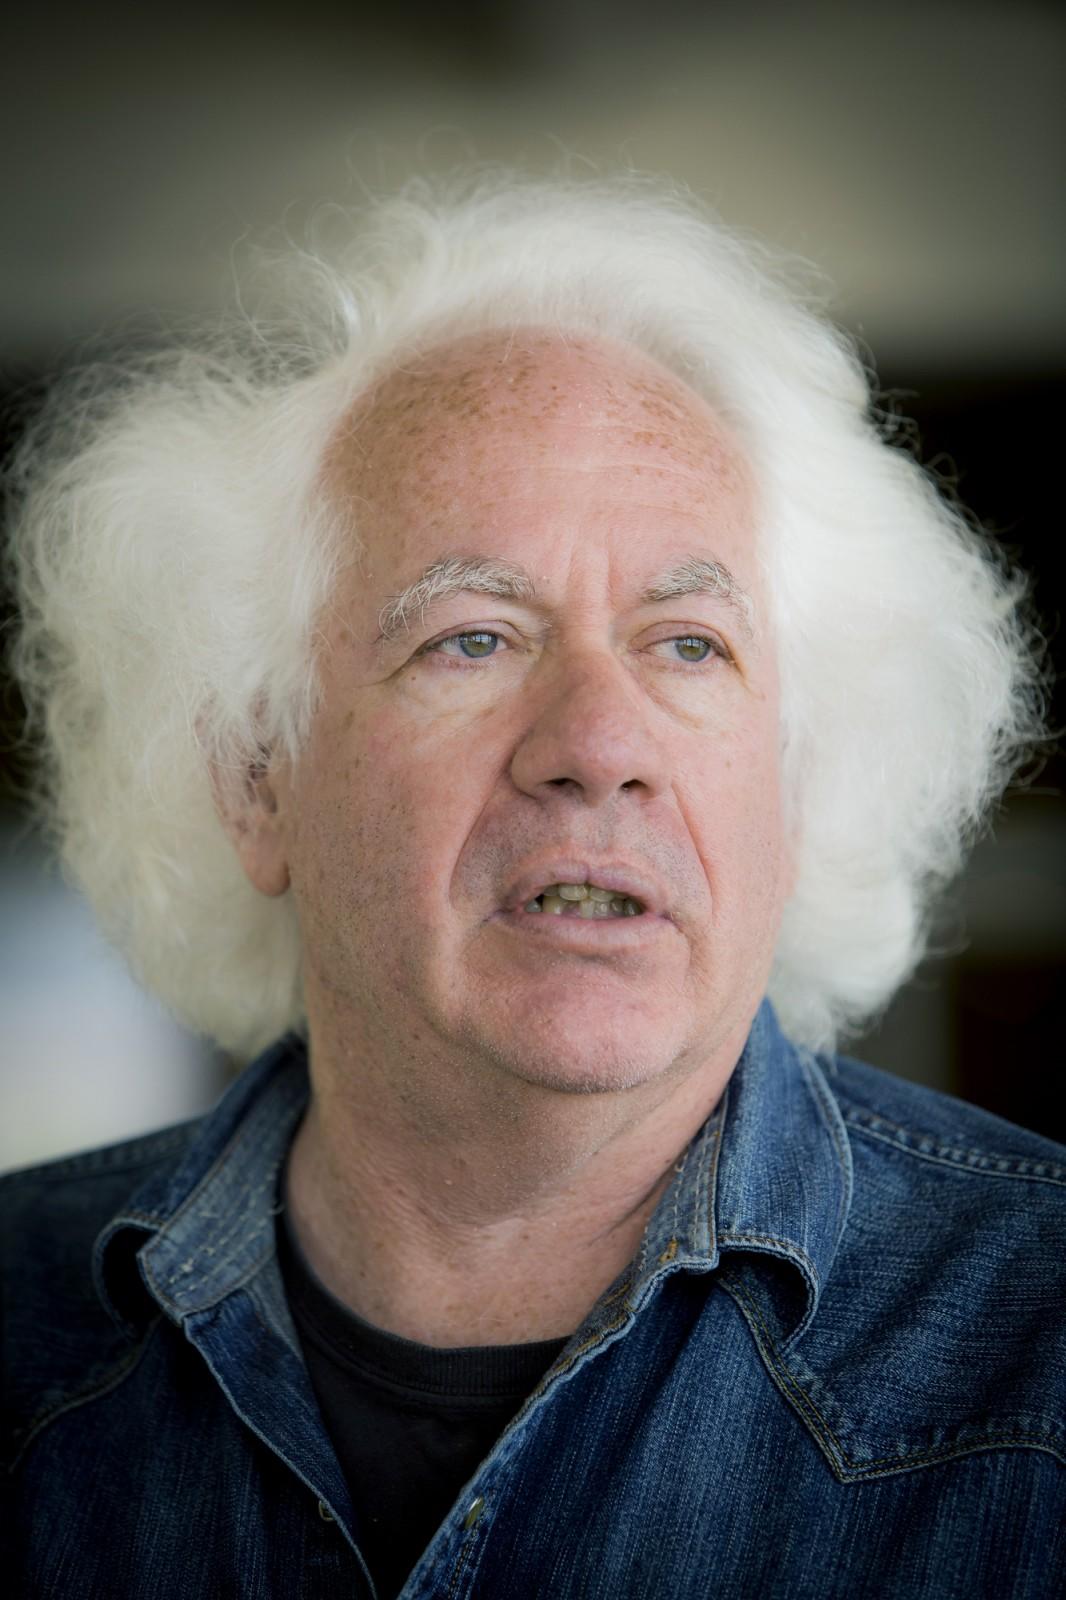 """ליאון ויזלטיר, העורך הספרותי של ה""""ניו-ריפבליק"""". תל-אביב, יוני 2013 (צילום: משה שי)"""